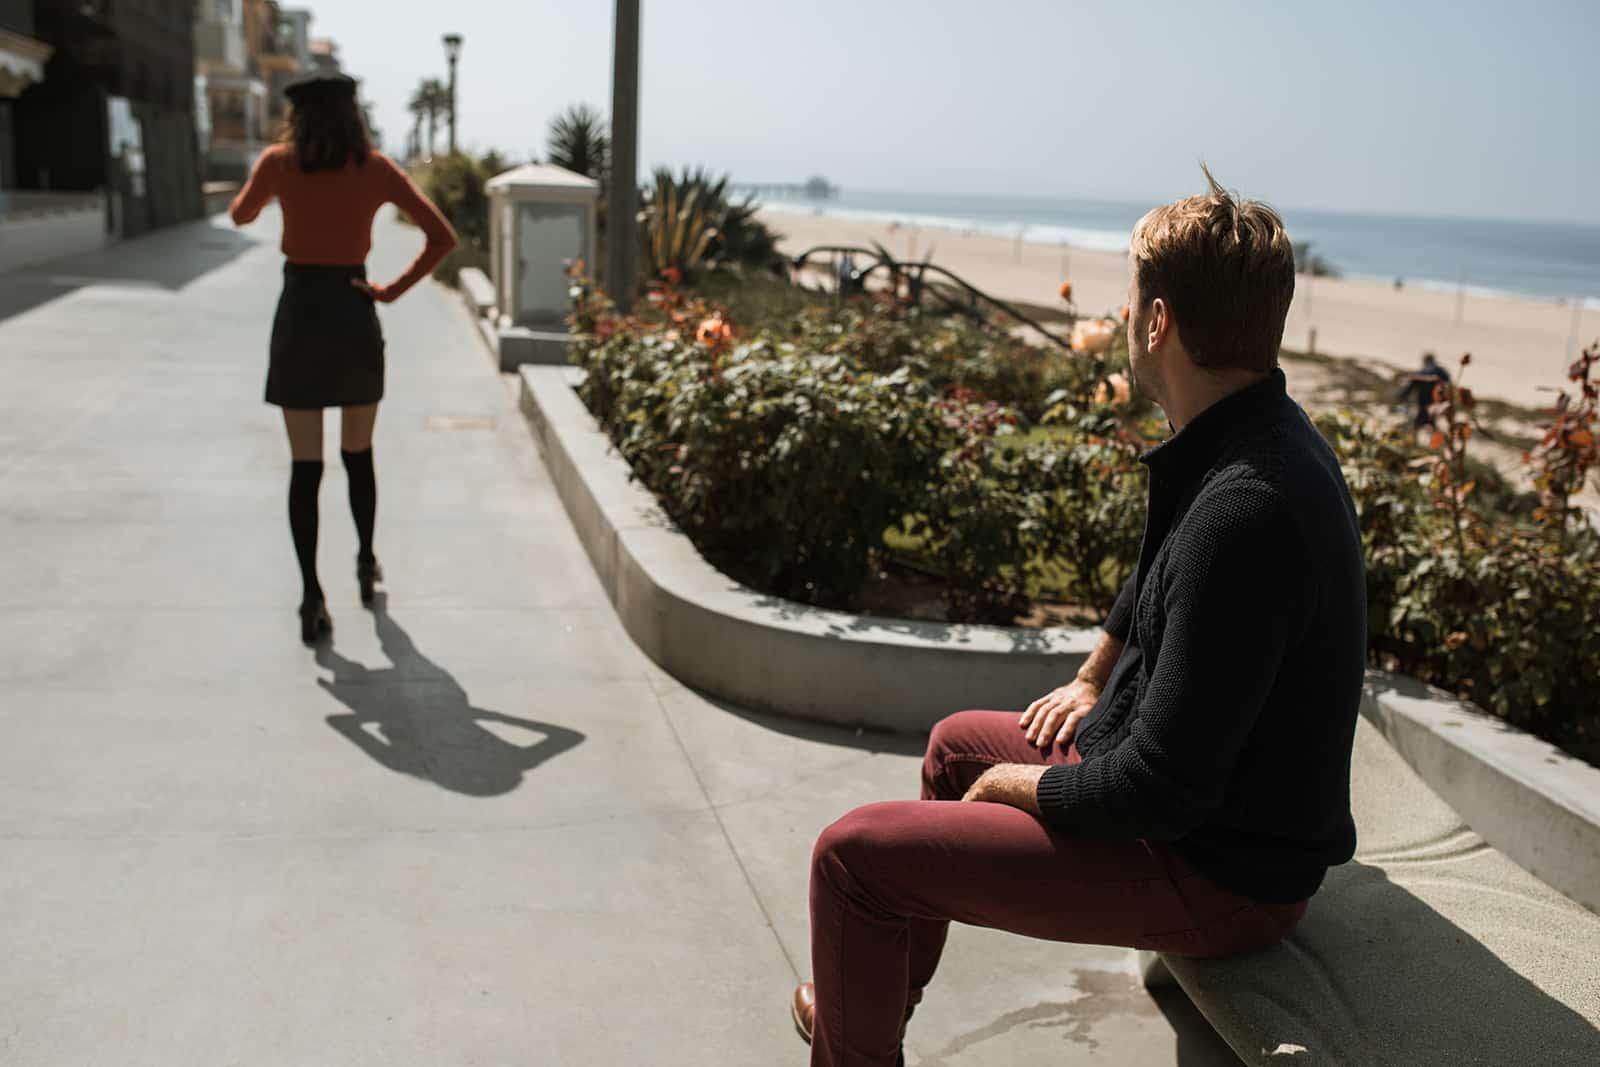 eine Frau, die von einem Mann geht, der auf einer Betonbank sitzt